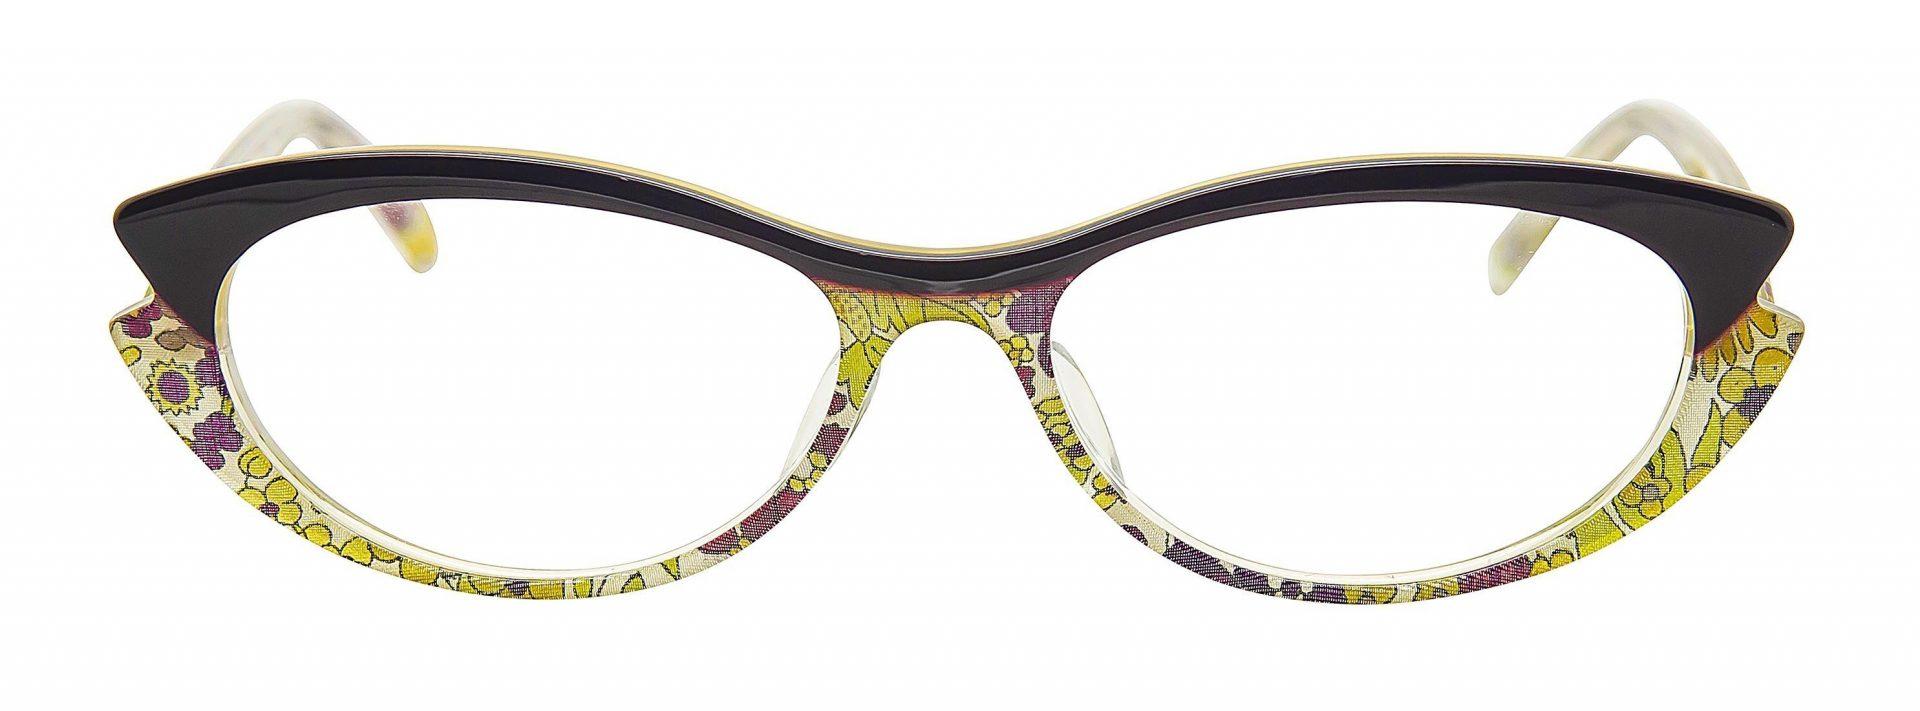 Lafont Glasses Saveur 7046 02 2970x1100